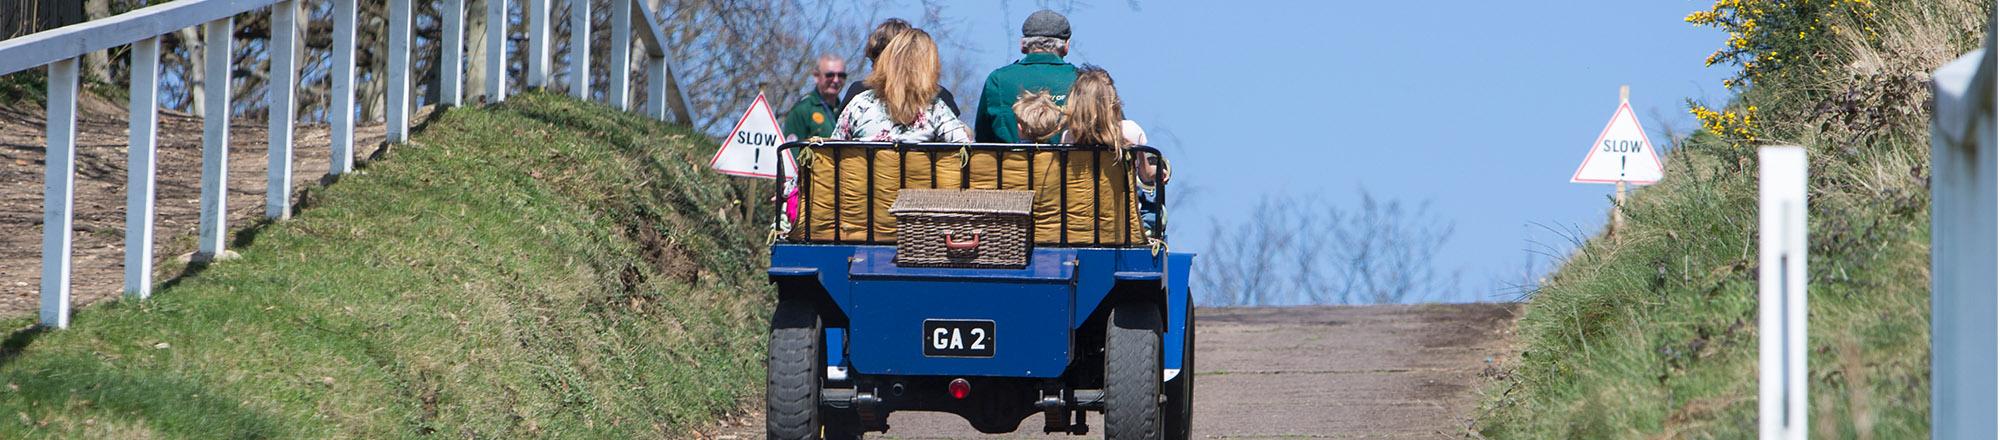 School holiday Family car rides slider 1.jpg